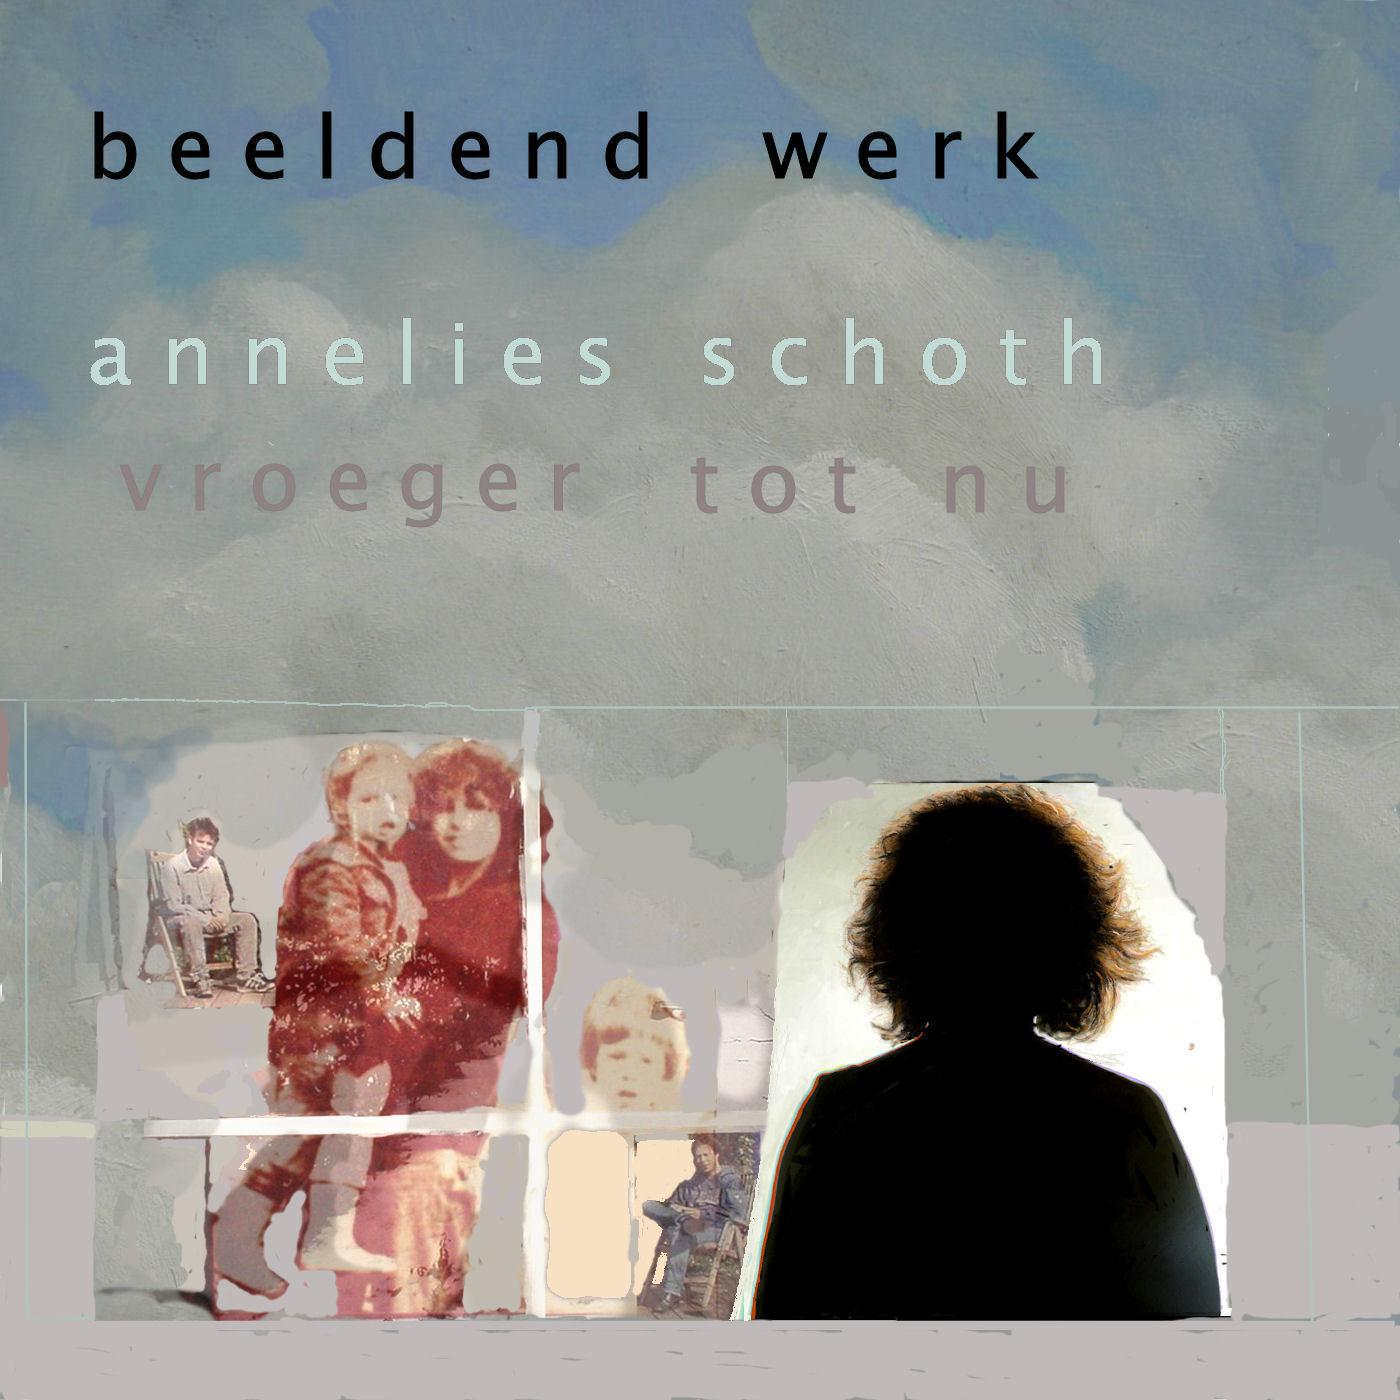 Annelies Schoth